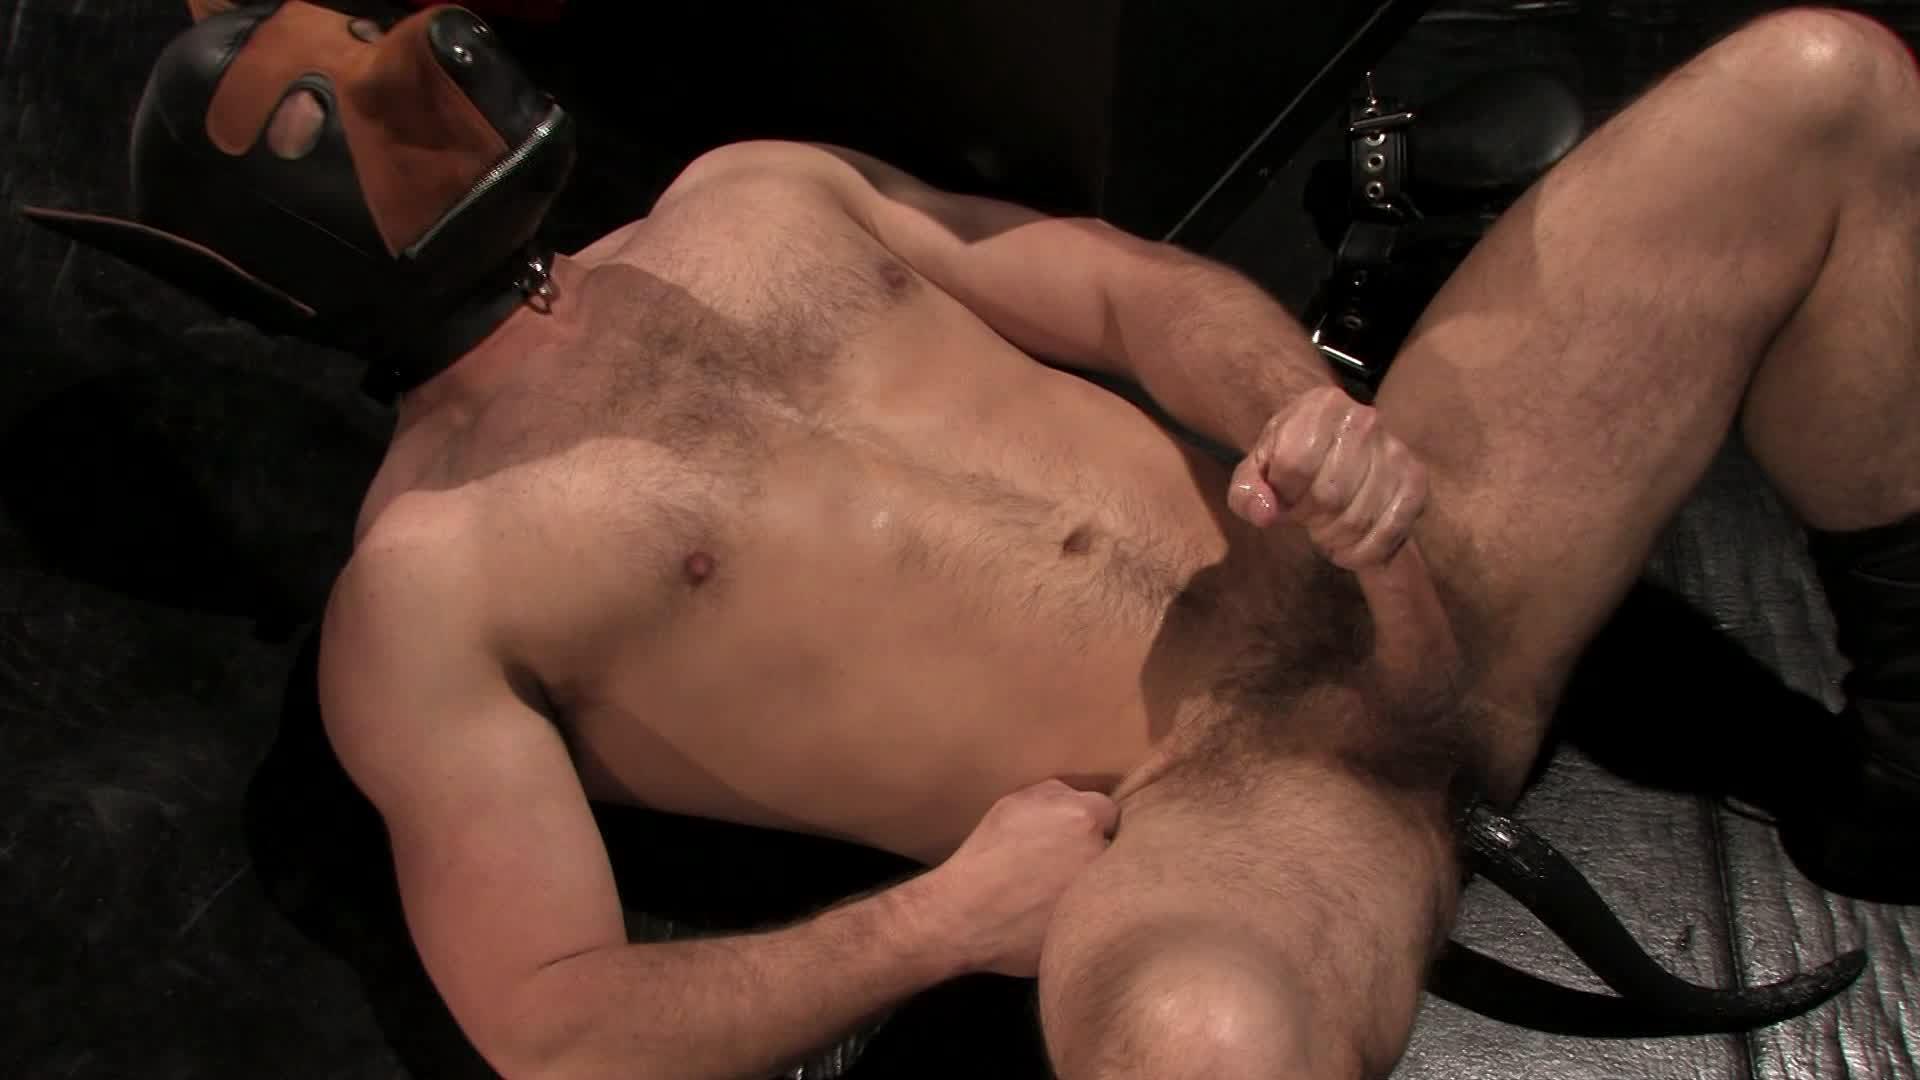 Gay men sex pig play